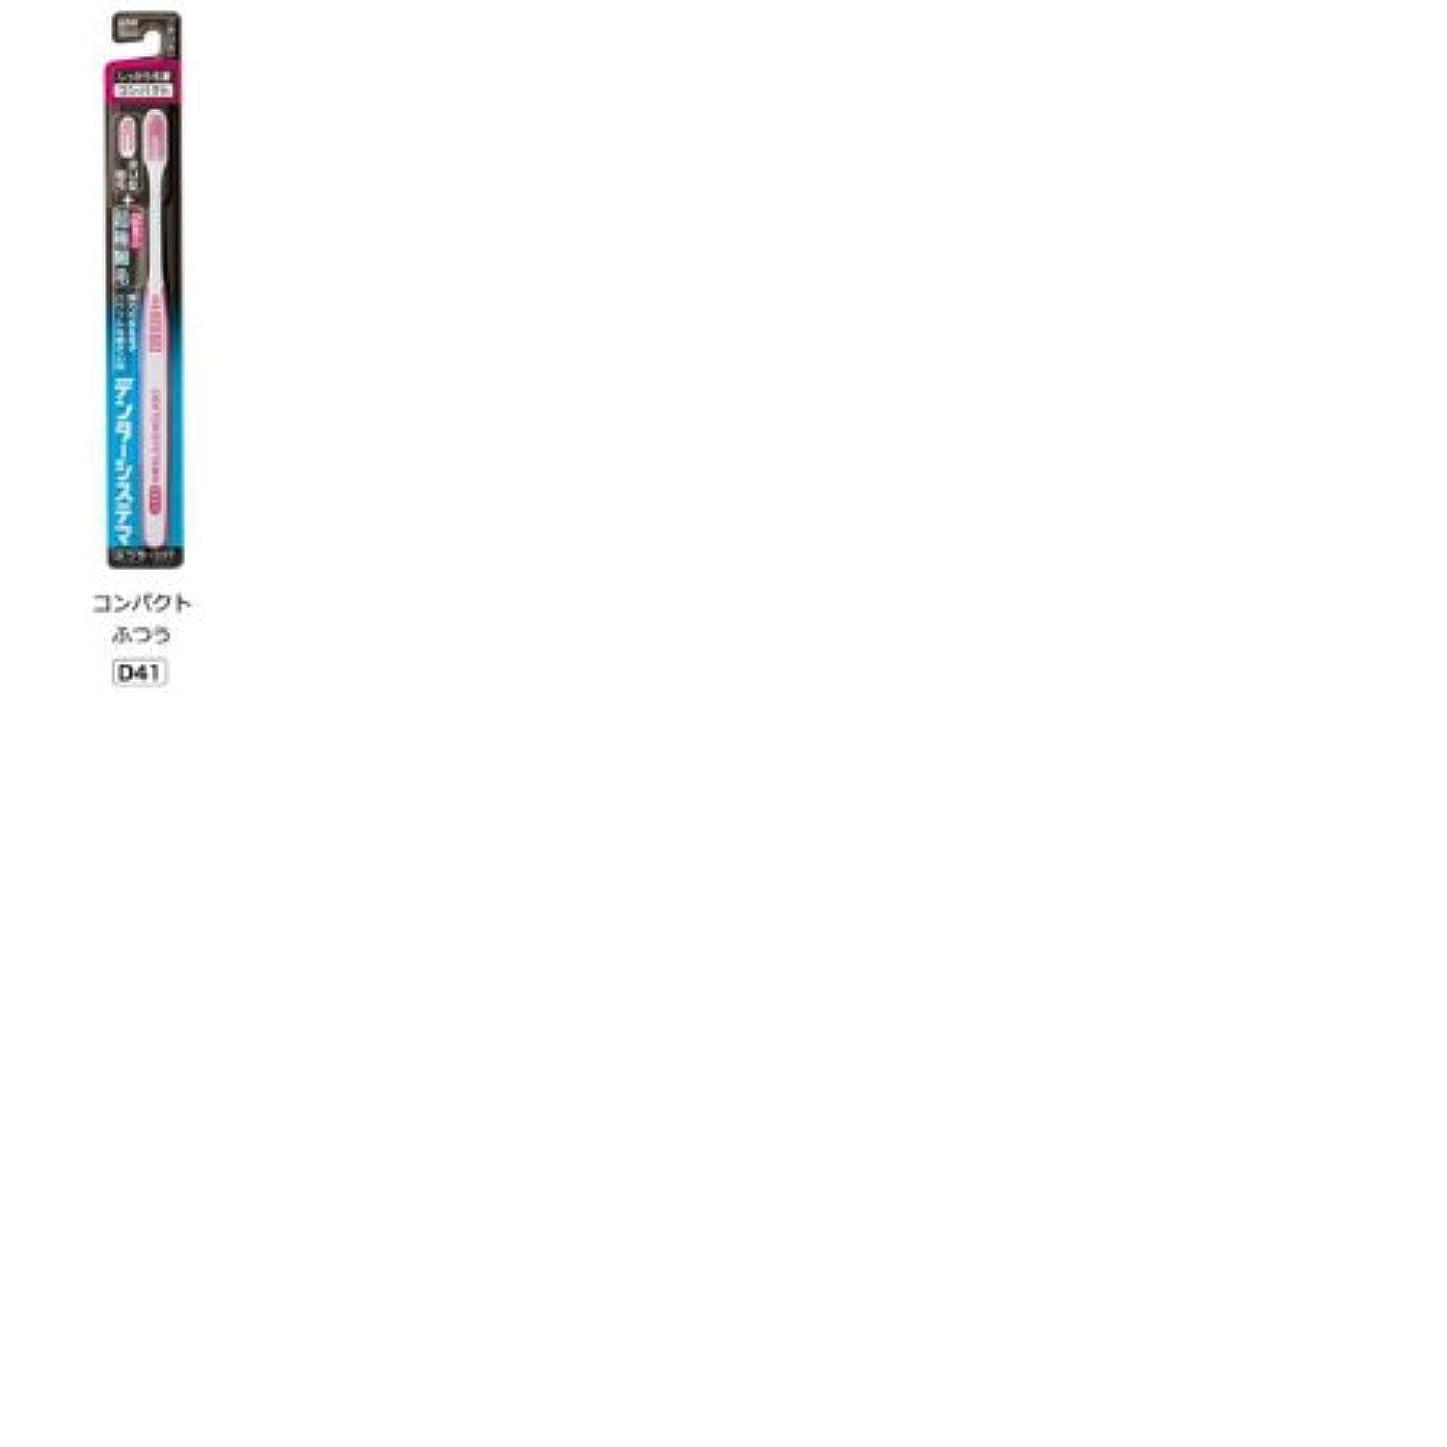 構成する加害者サンダーデンターシステマハブラシしっかり毛腰タイプコンパクトふつう×12本